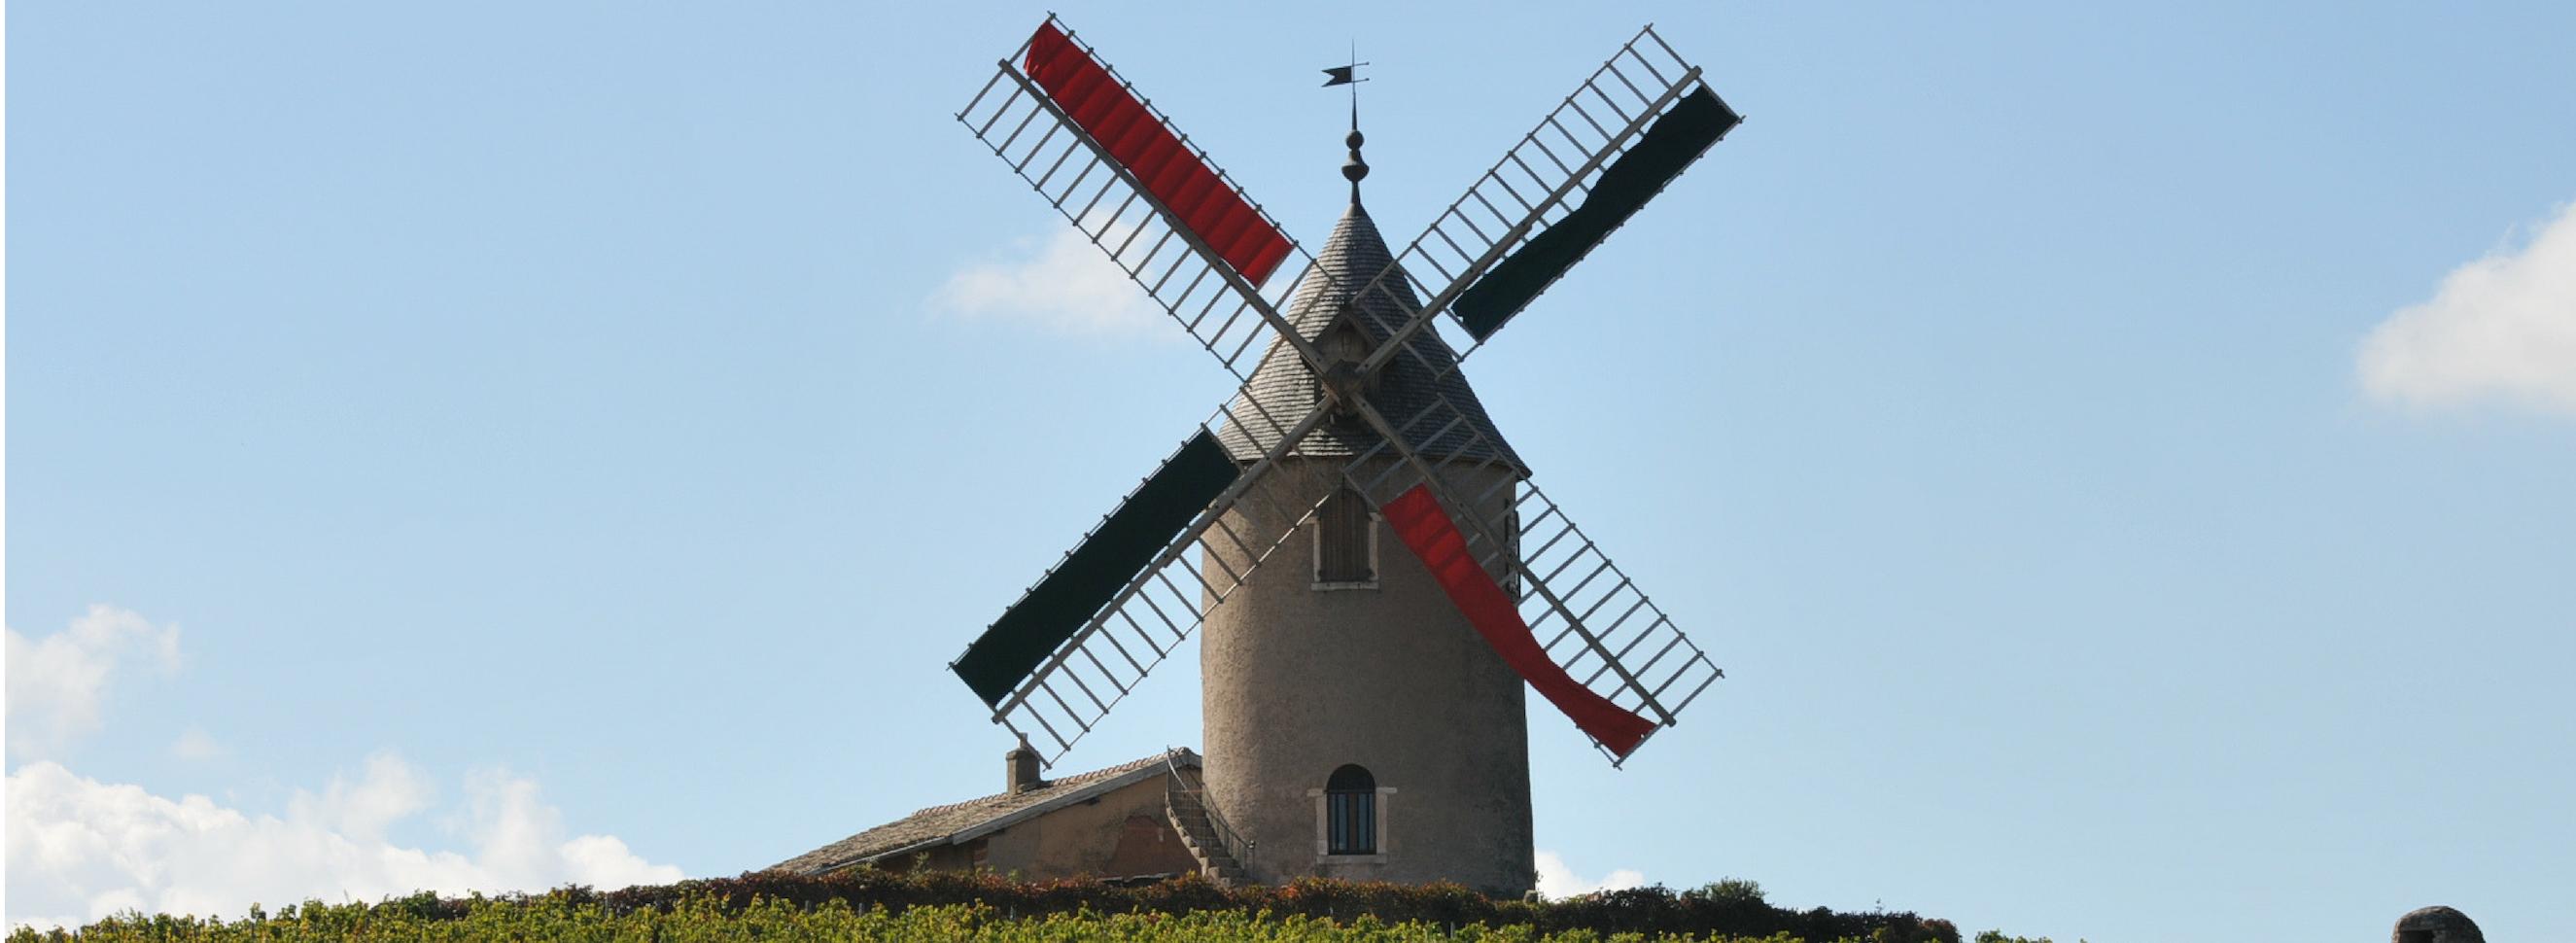 Domaine Labruyère: Moulin-à-Vent since 1850